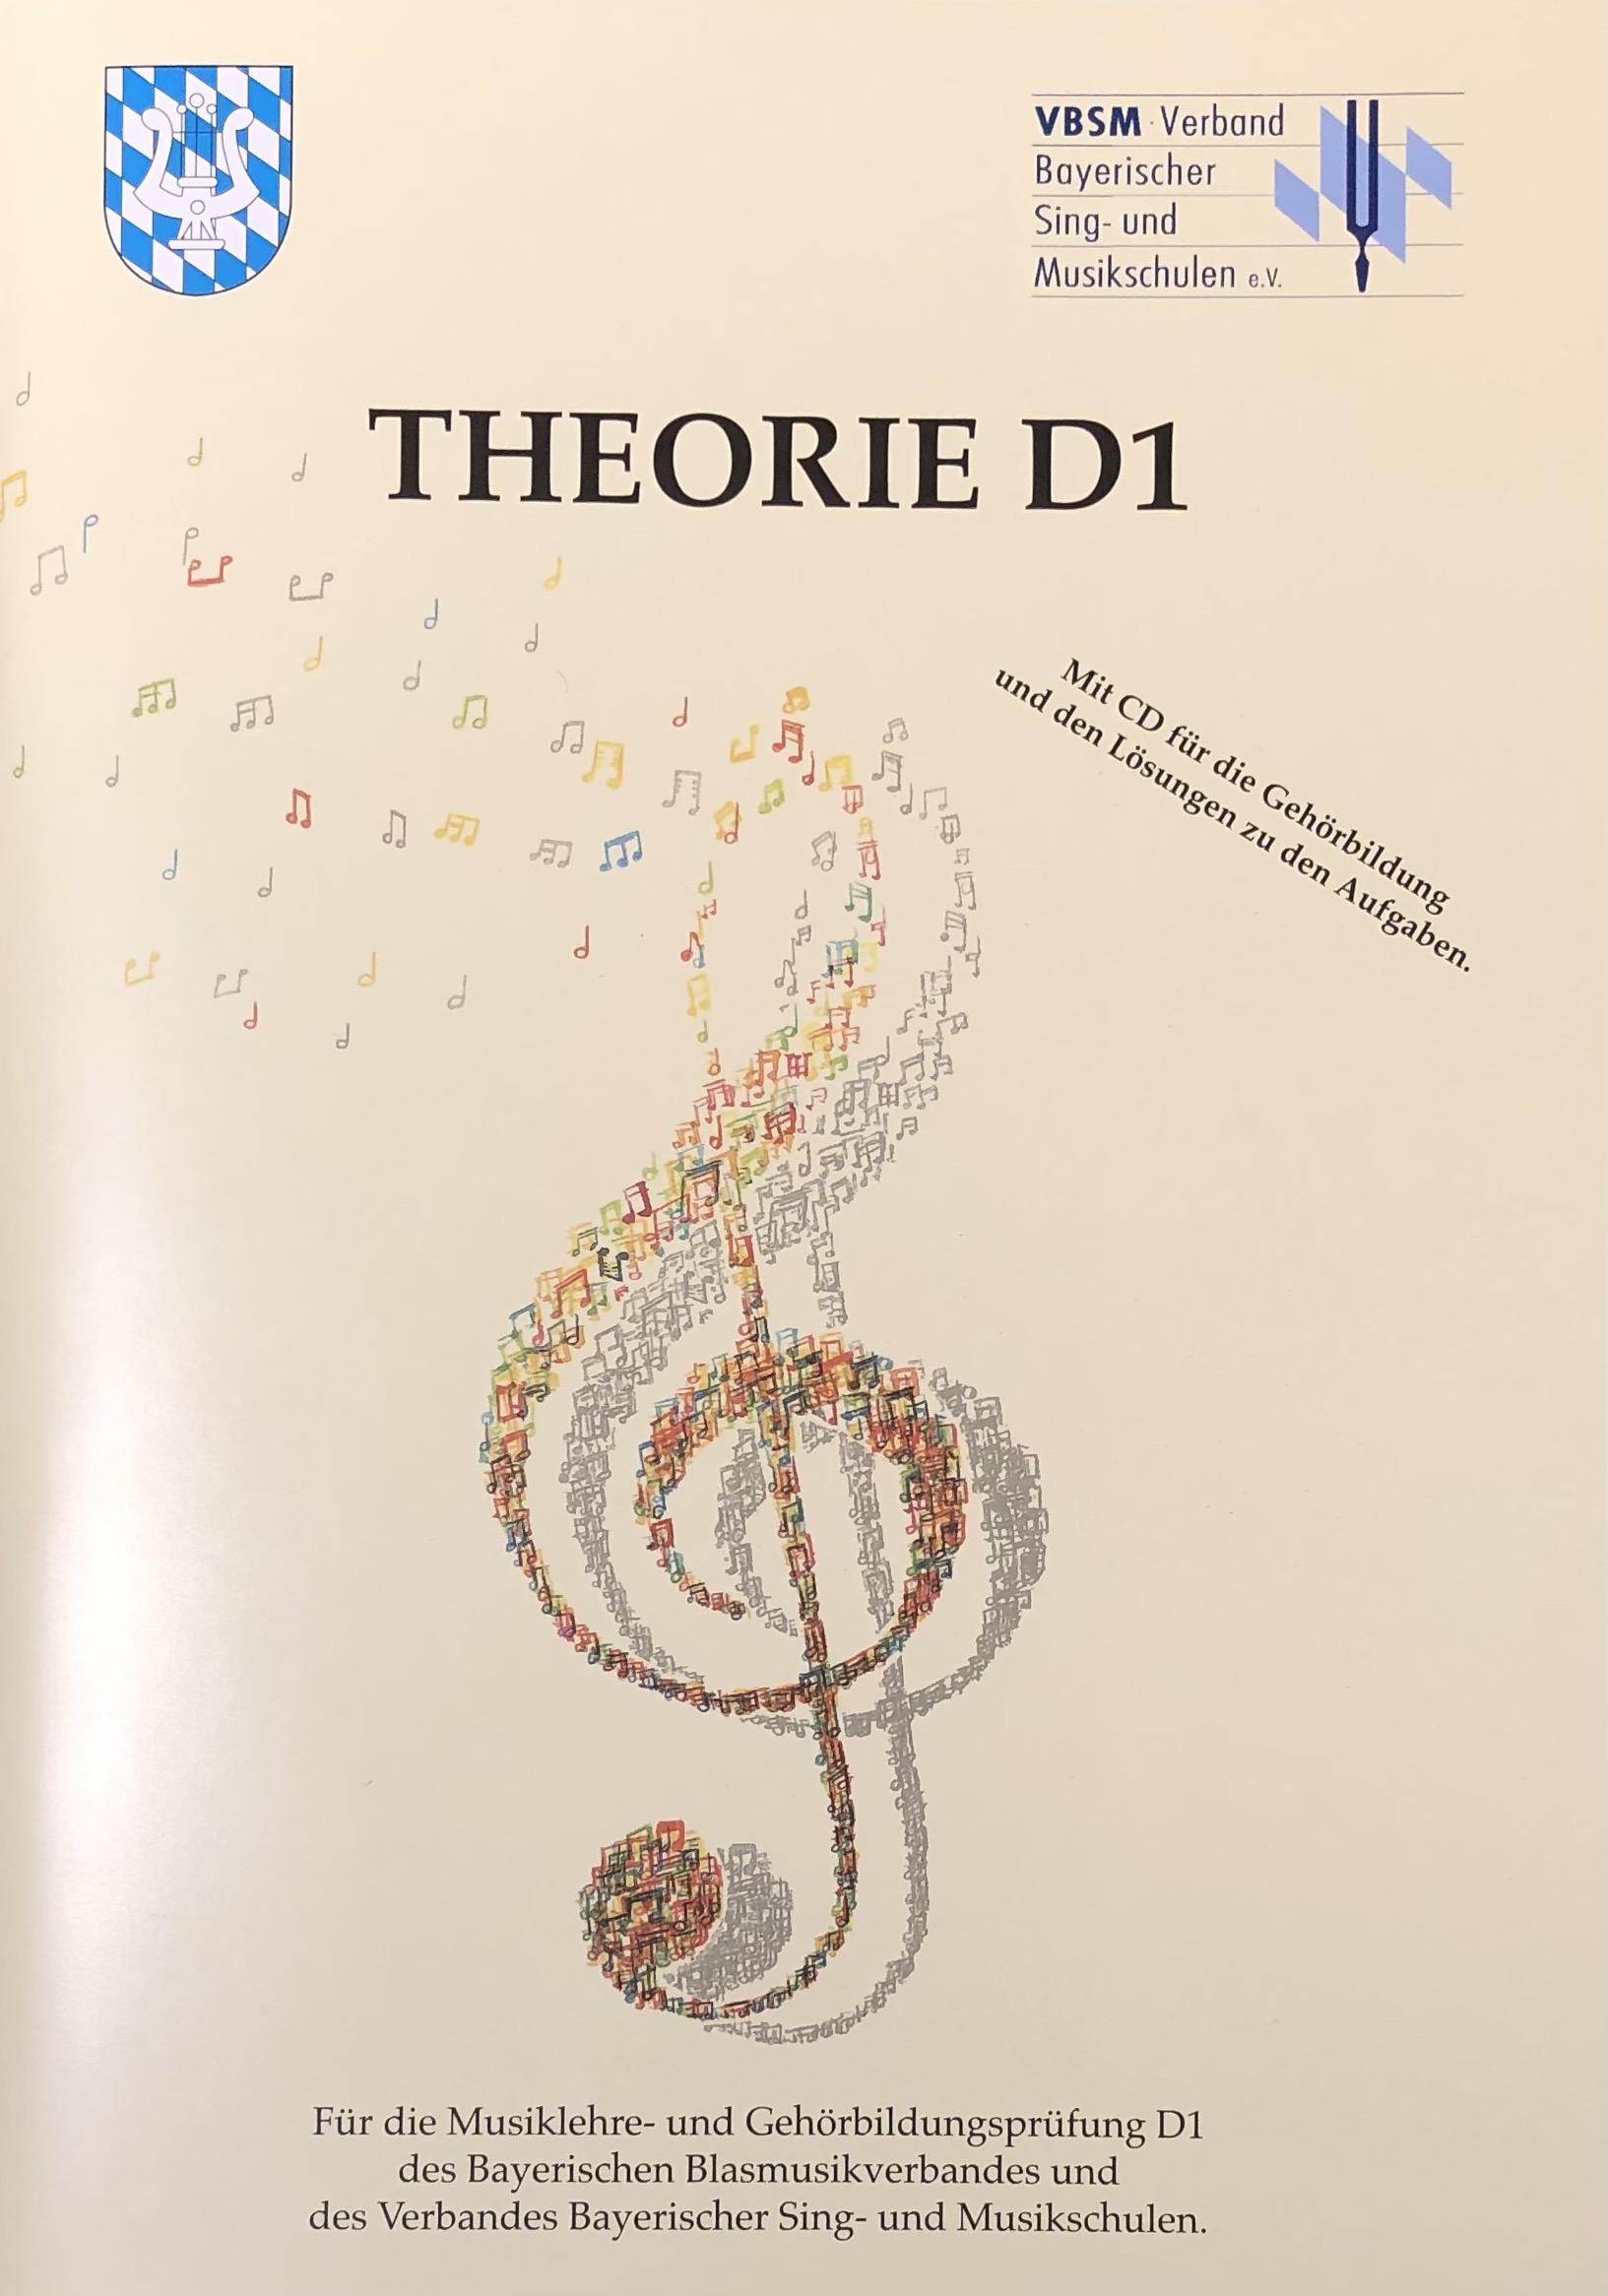 Theorie D1 - Theorie + Gehörblidung